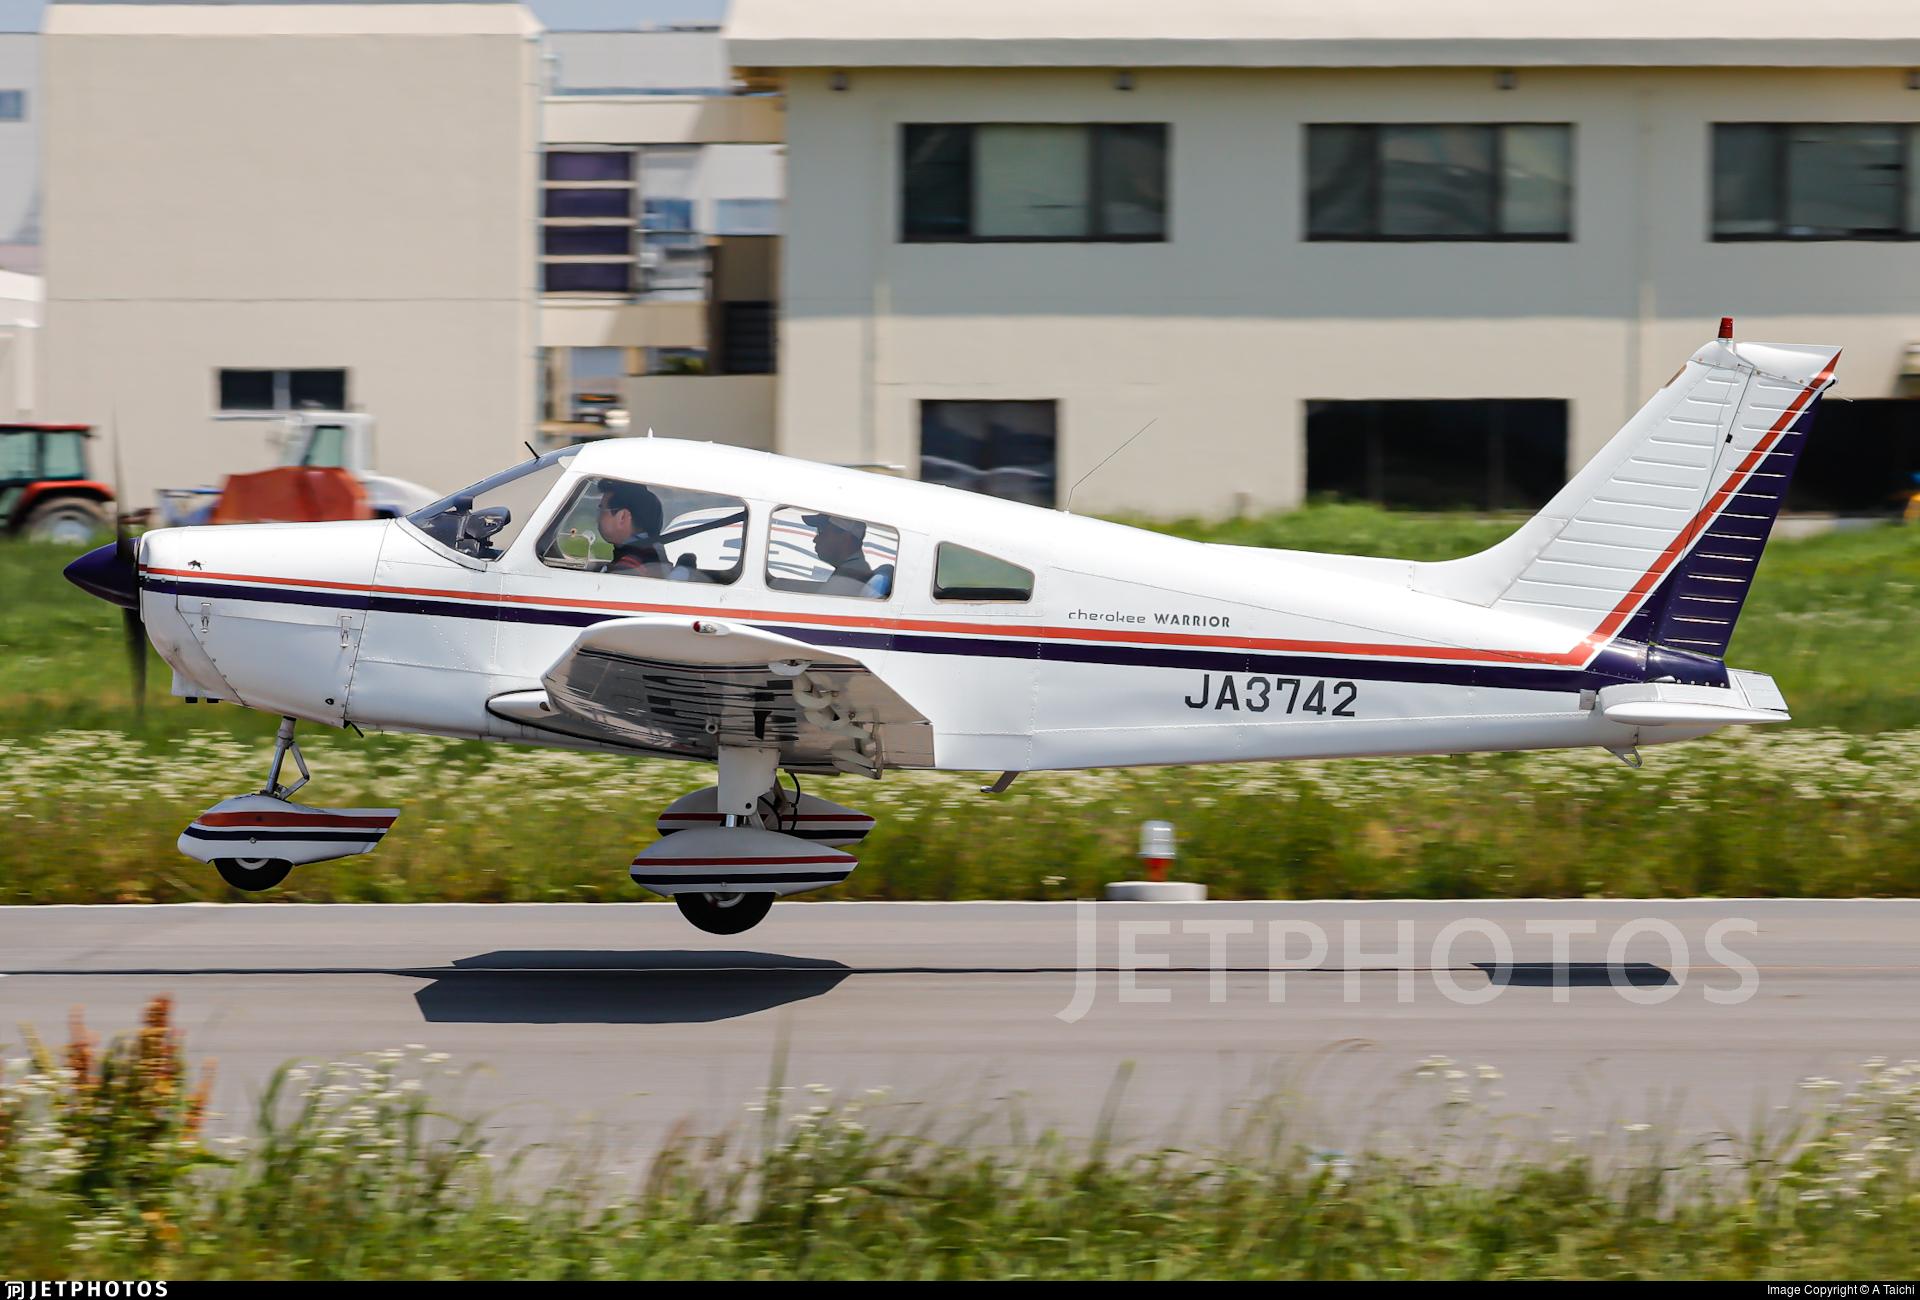 JA3742 - Piper PA-28-151 Cherokee Warrior - Private